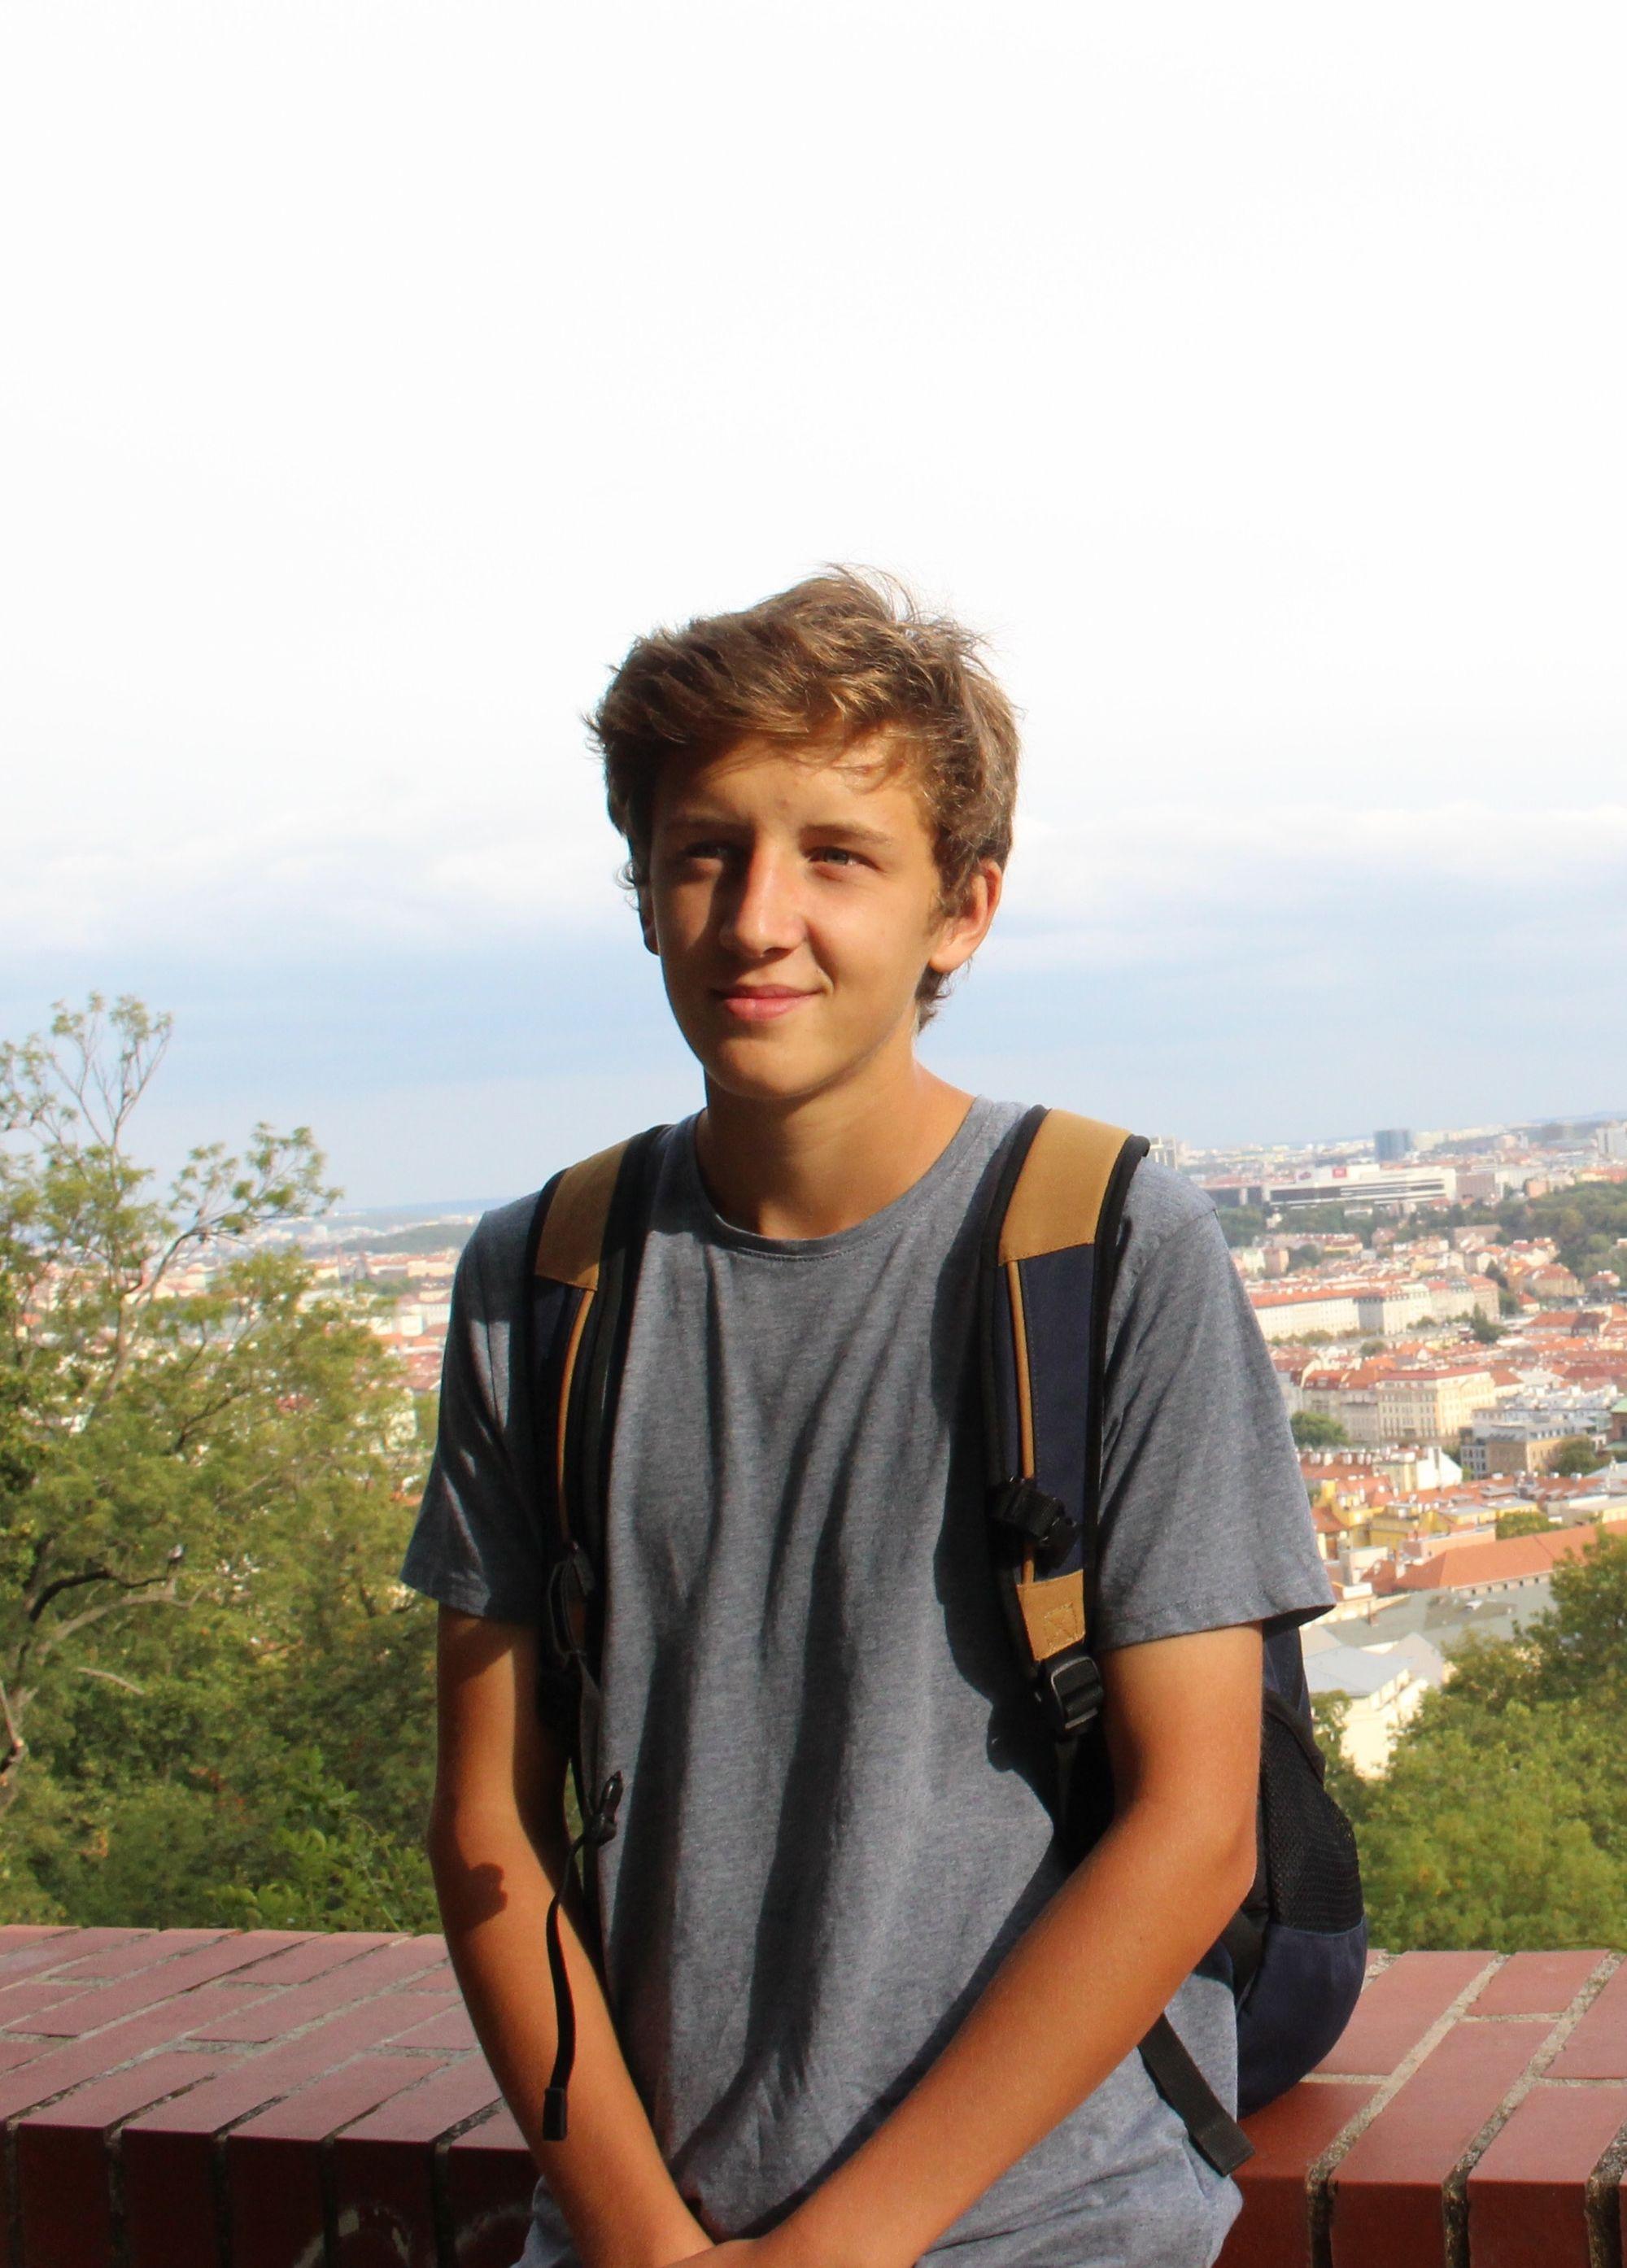 Adam Lesch